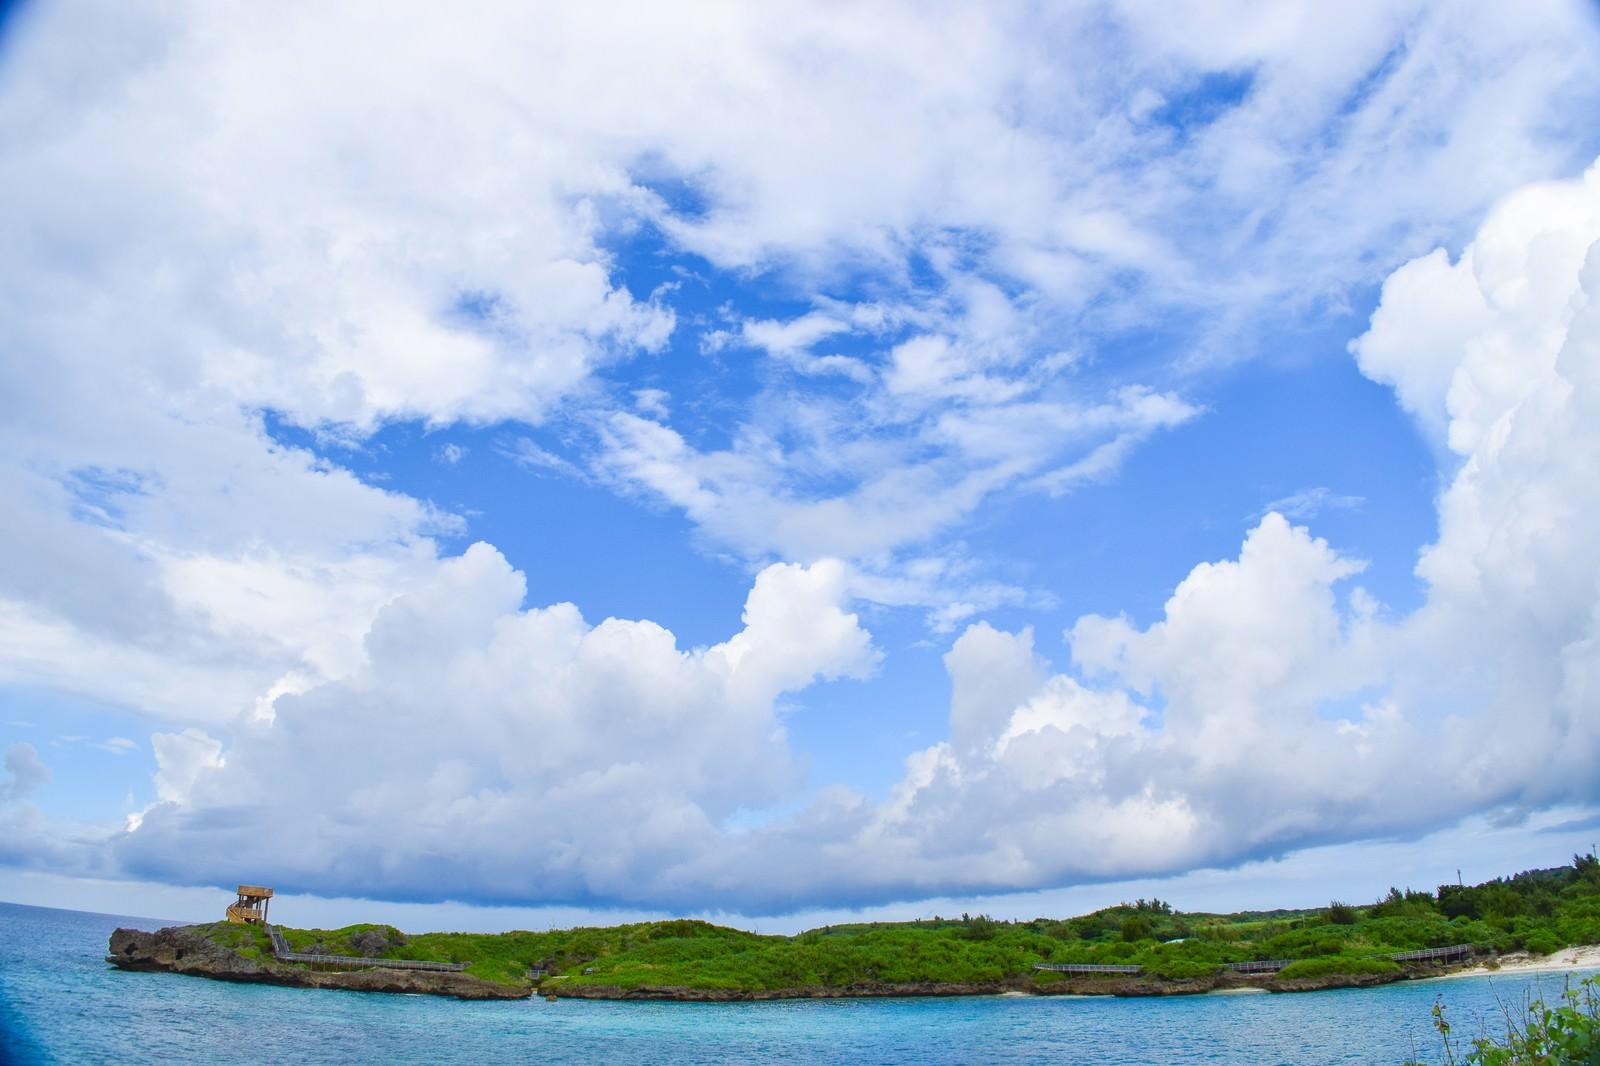 「孤島のような入り江孤島のような入り江」のフリー写真素材を拡大